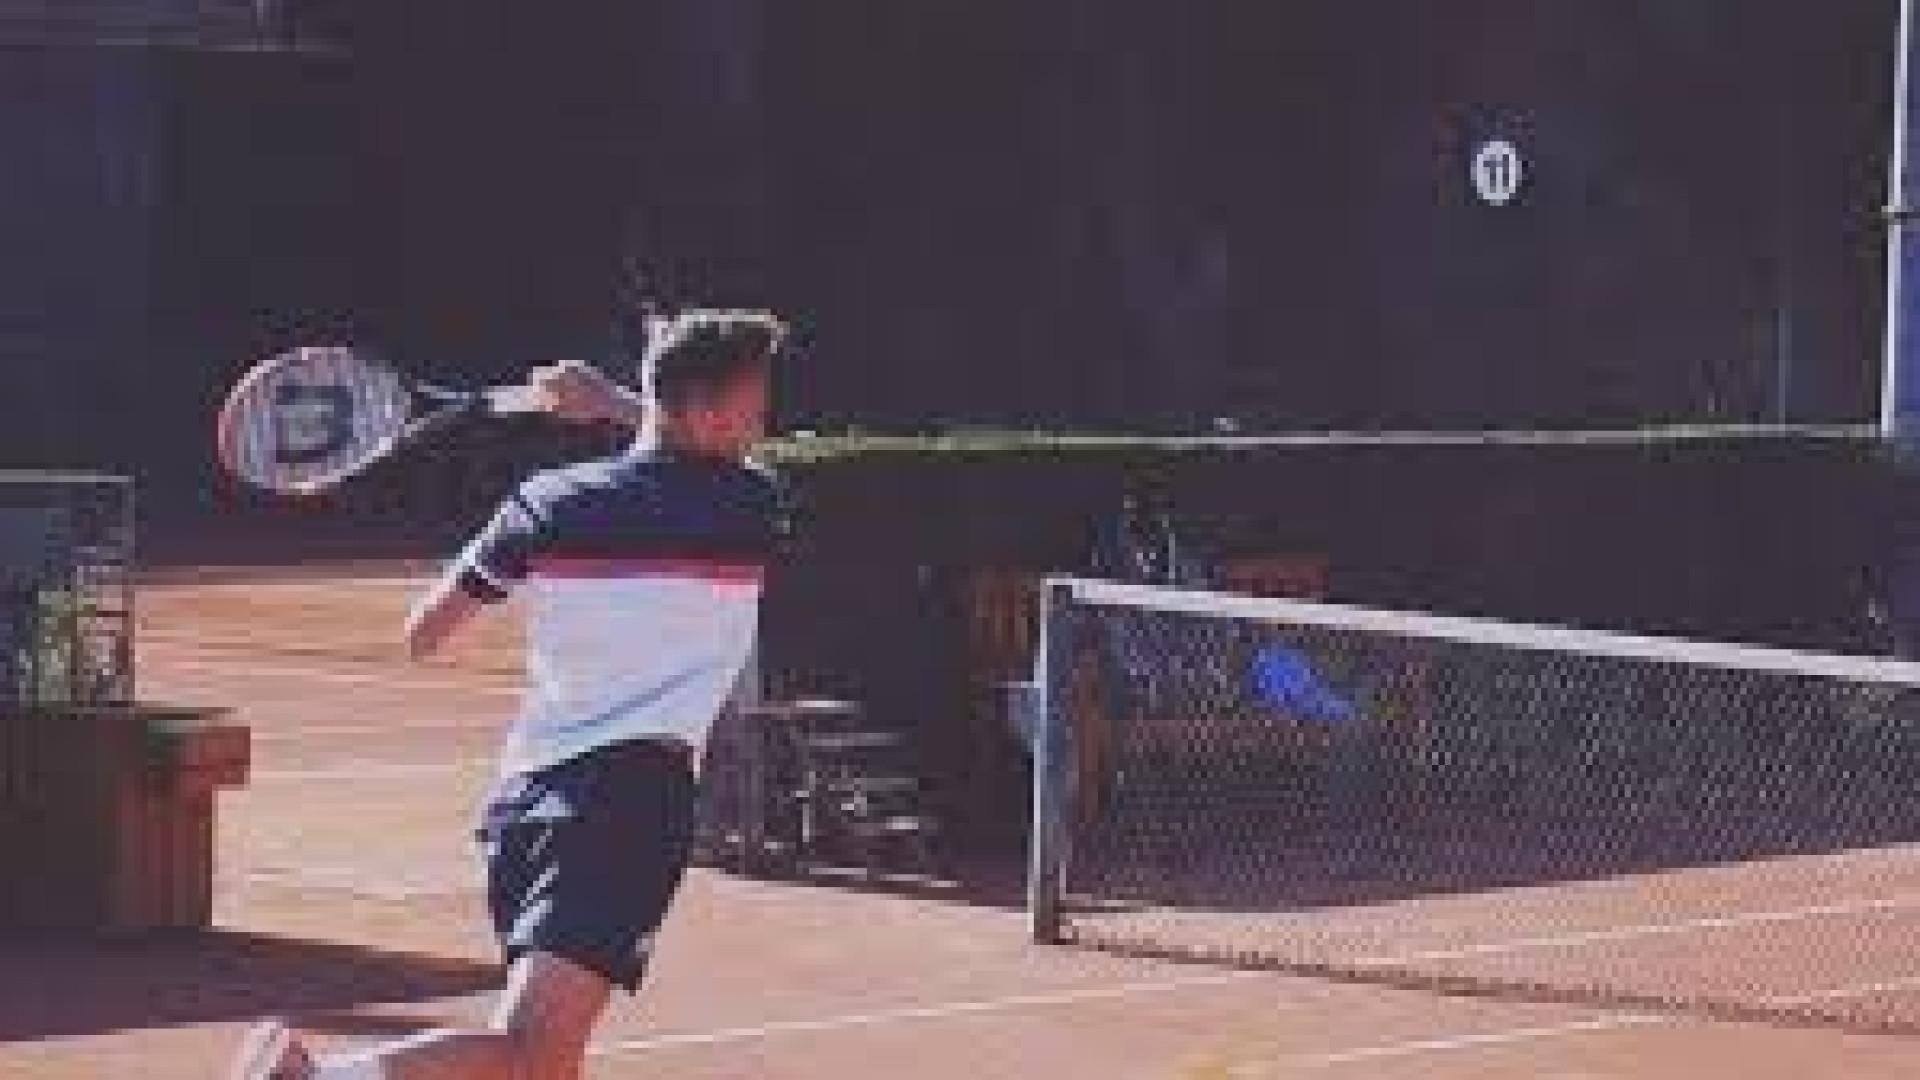 Grncarov, o 'tenista' que enganou a quase todos para alcançar a glória